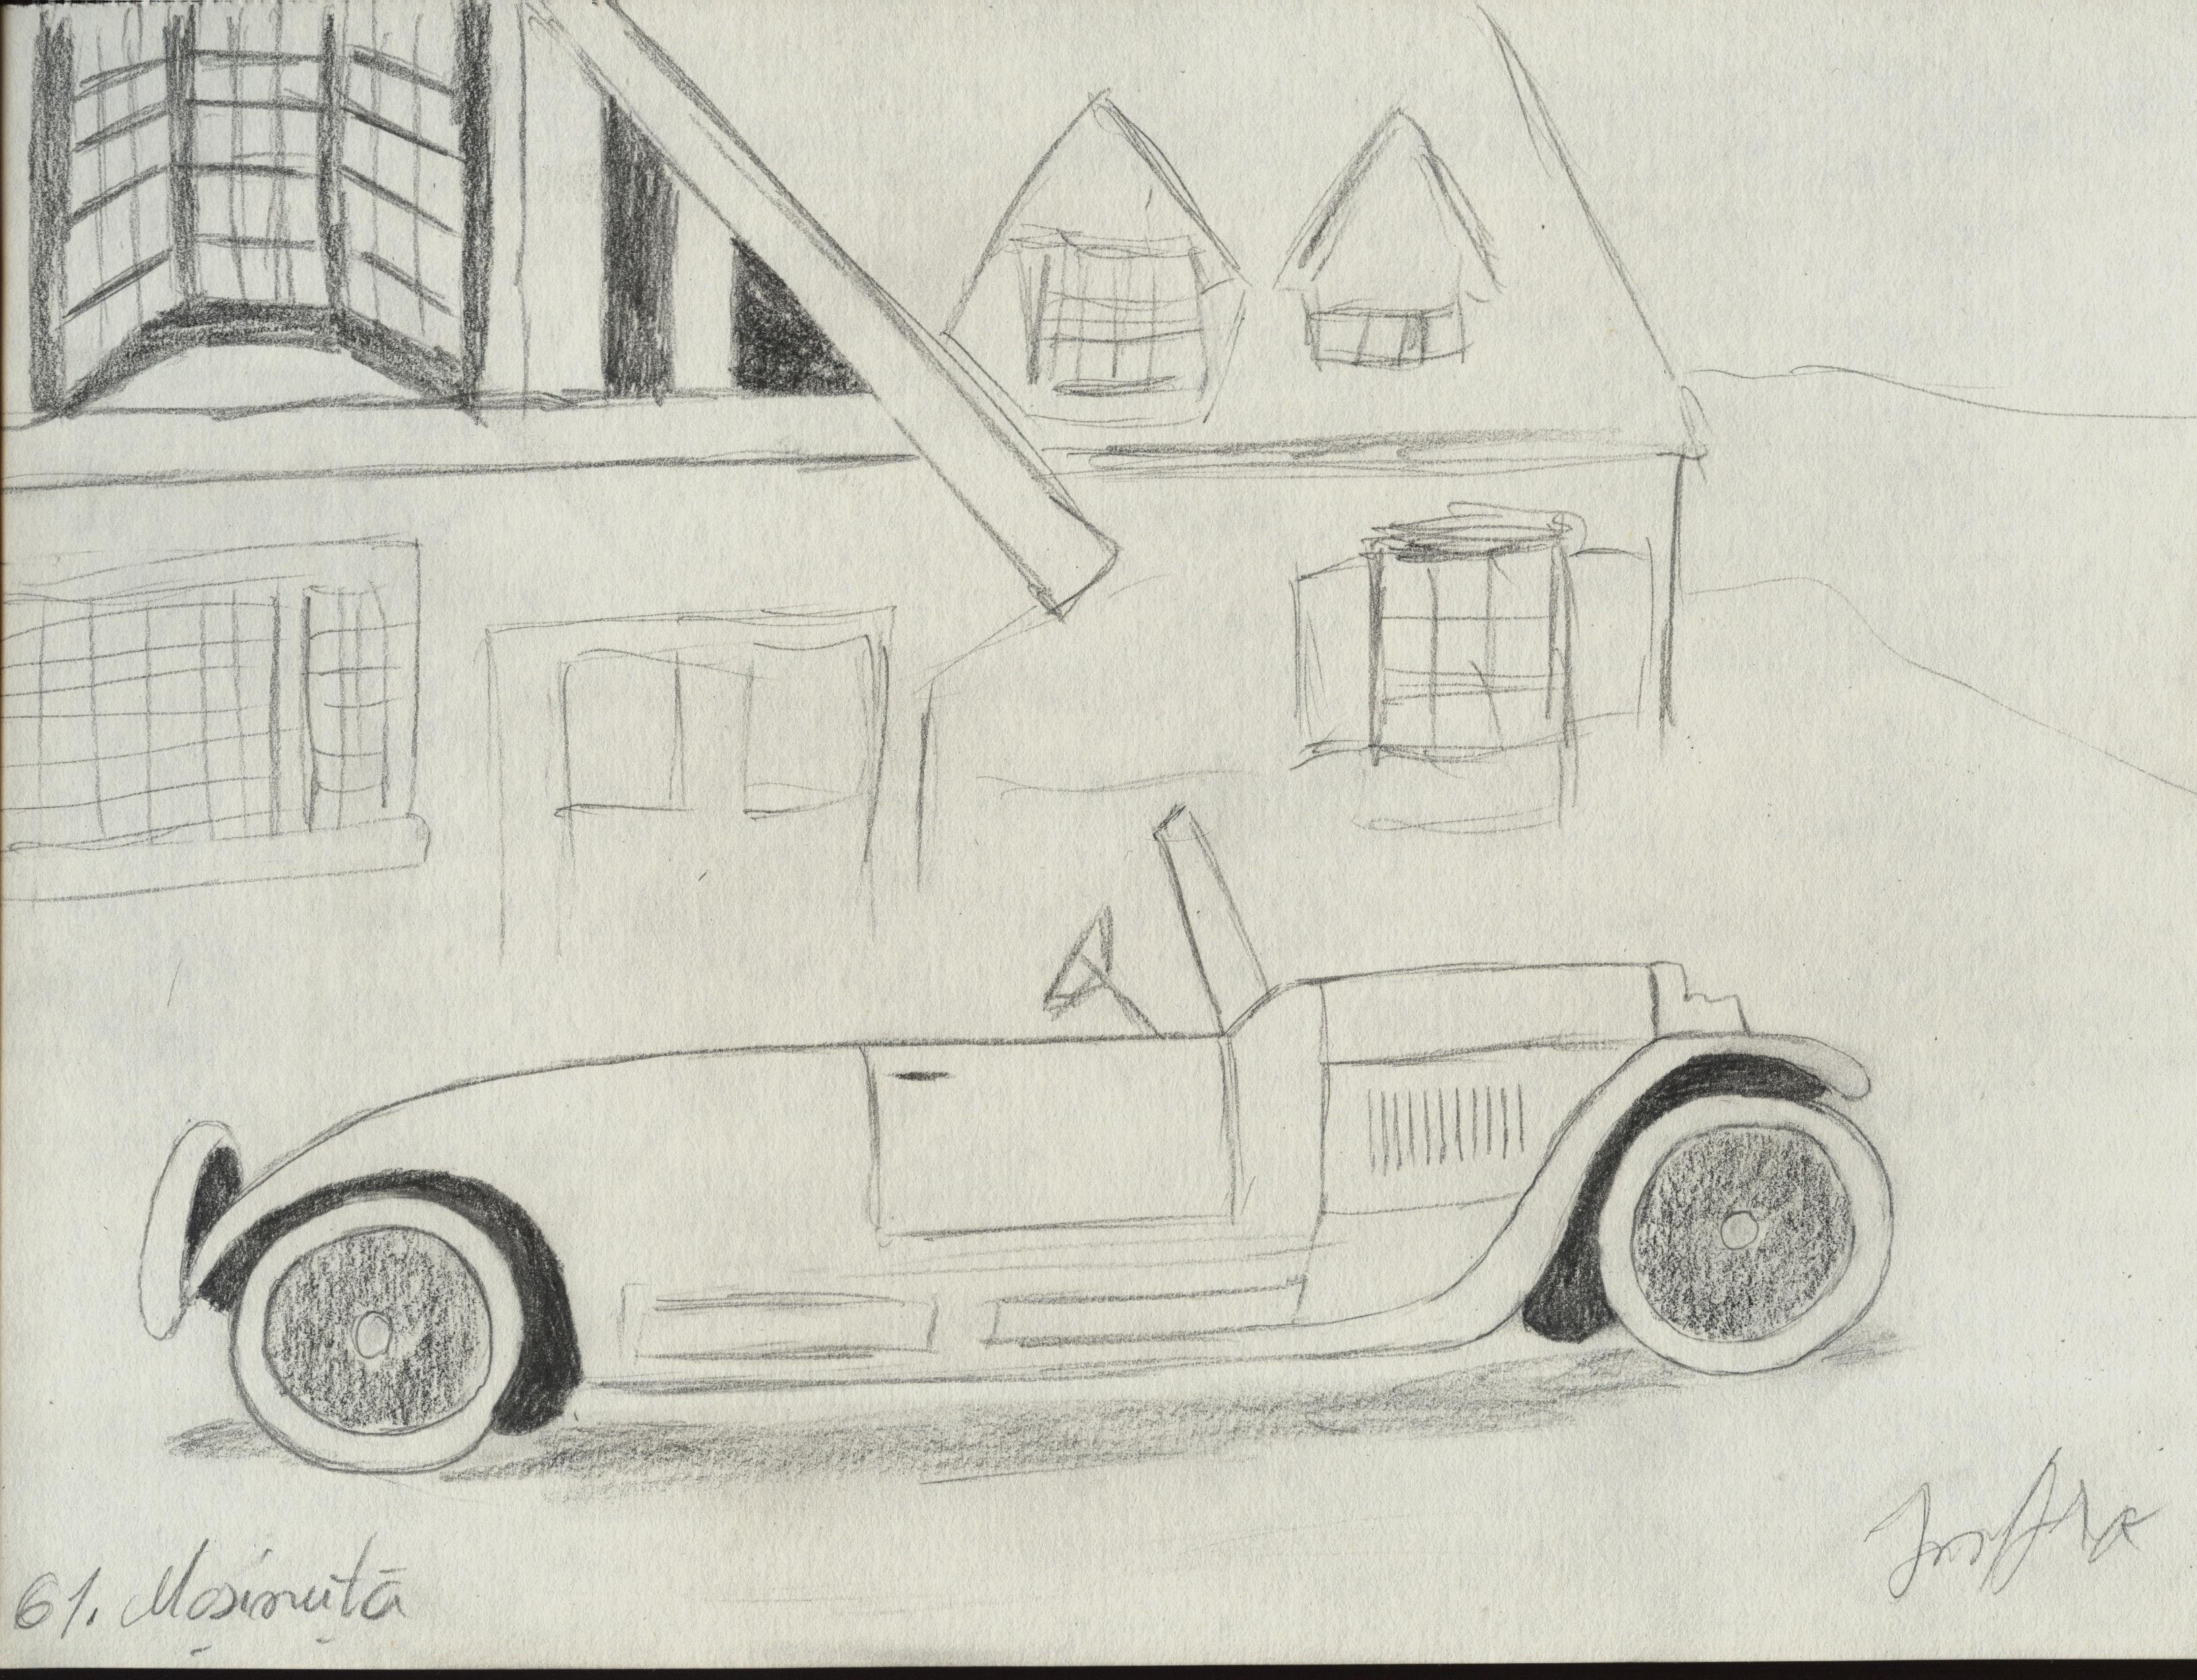 desene cu masini in fata caselor